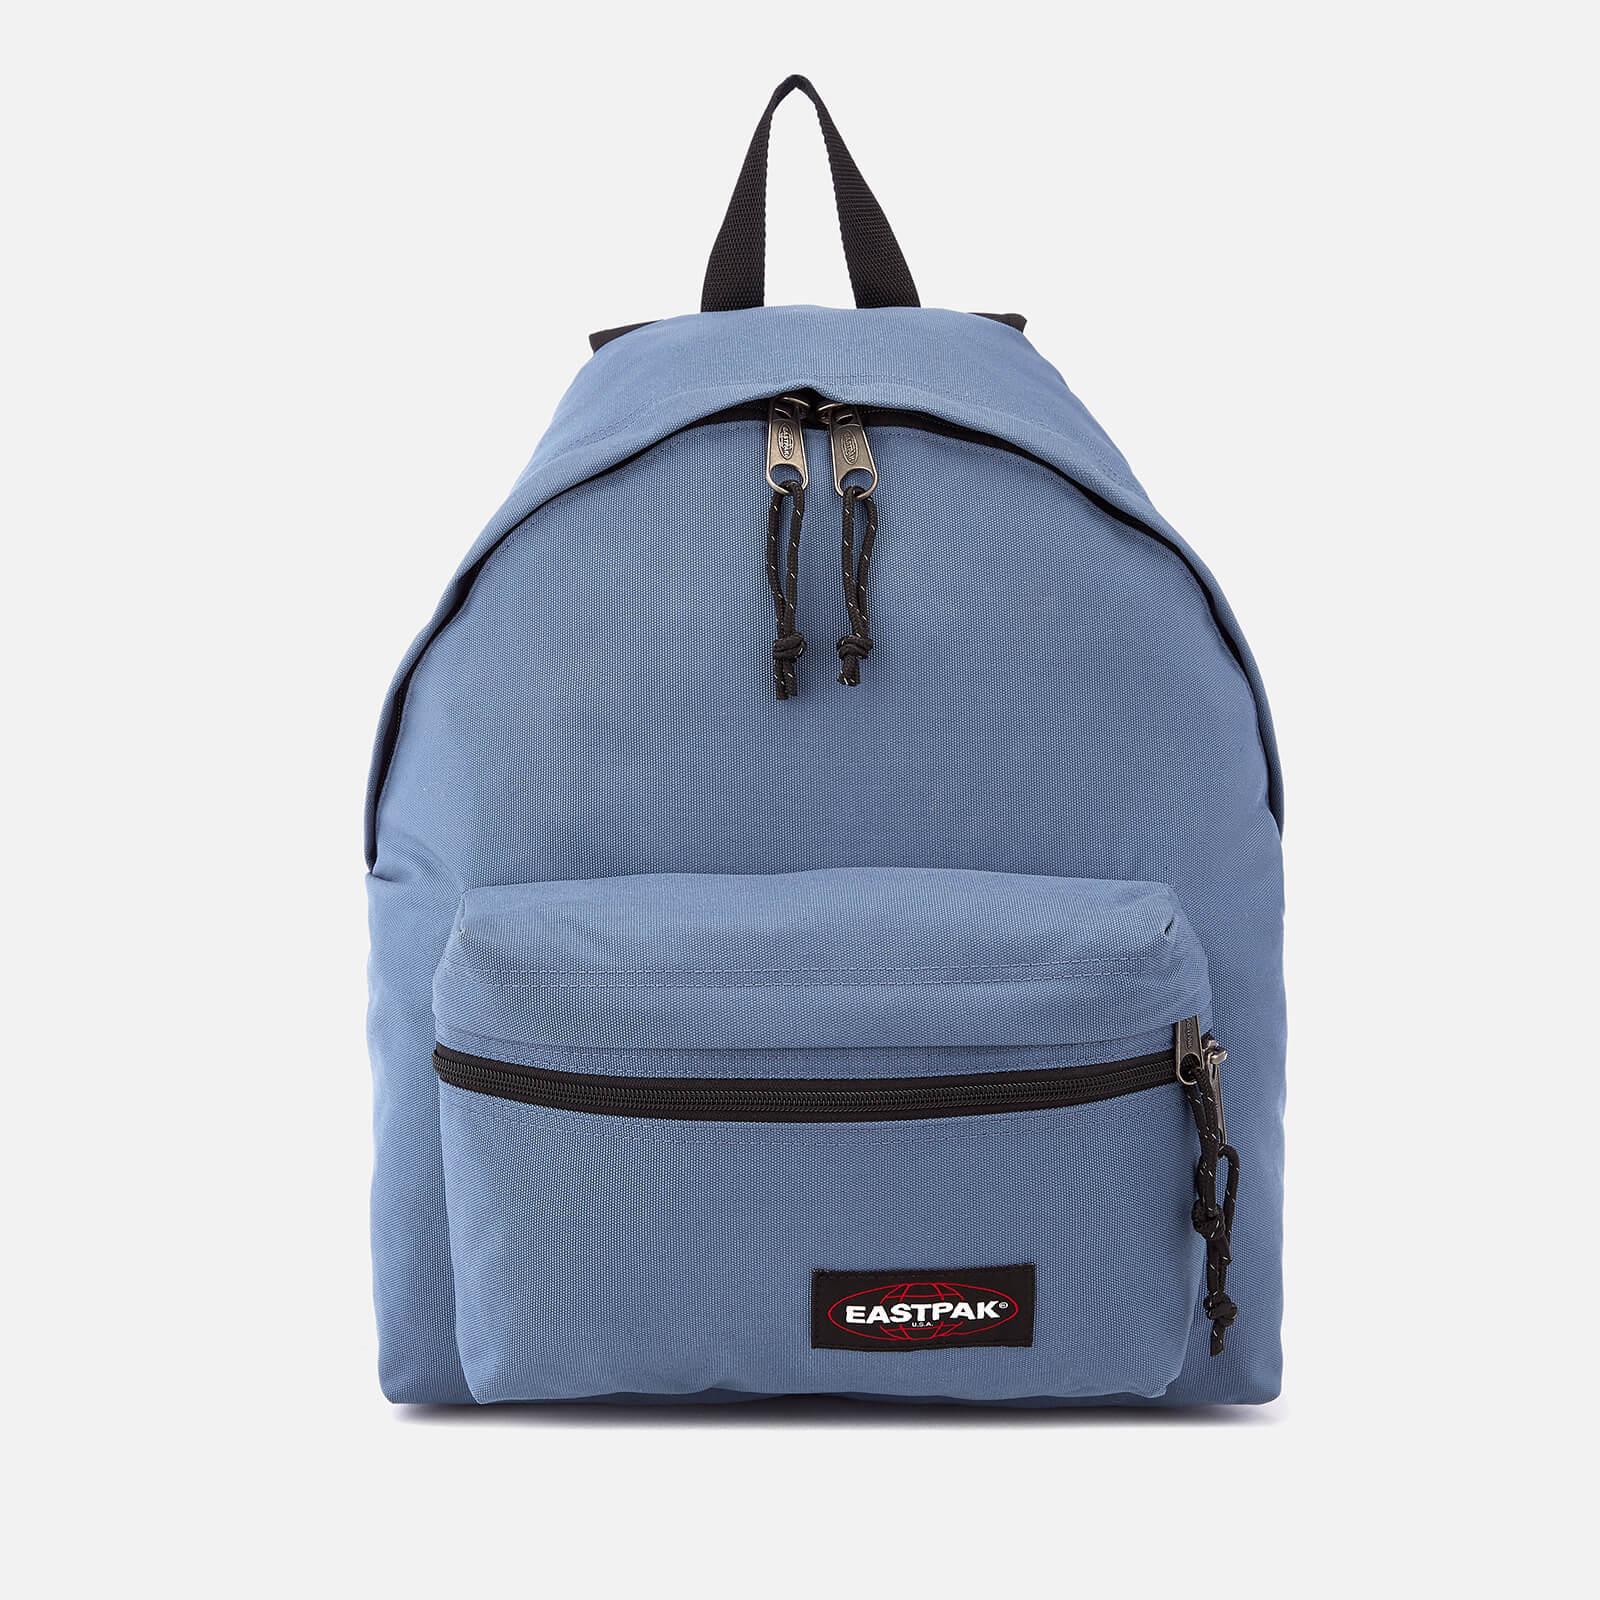 Eastpak Men's Padded Zippl'r Backpack - Bike Blue